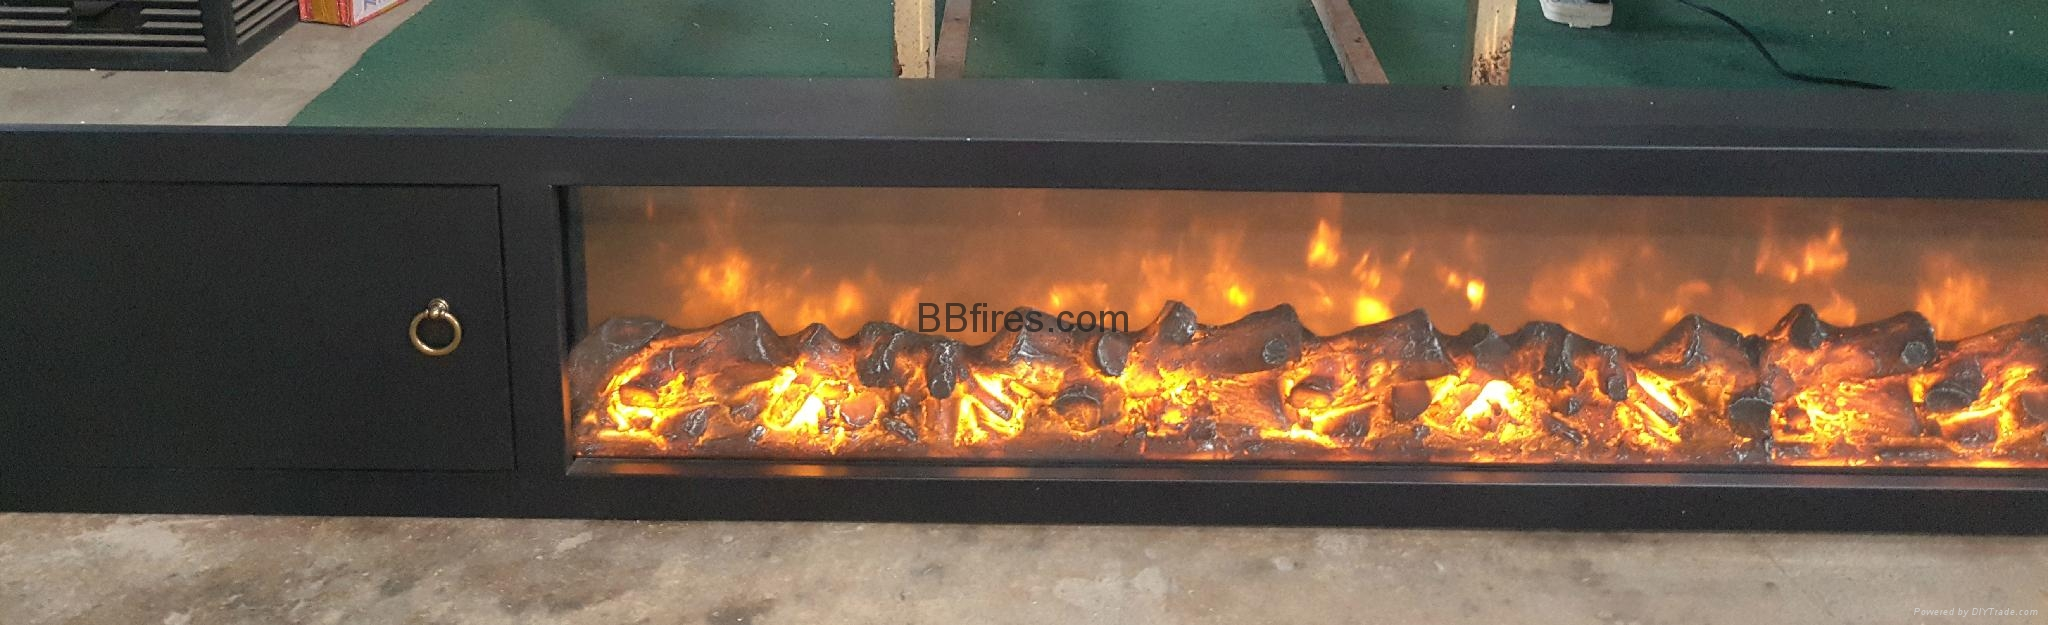 BB 嵌入式黄钛金壁炉电子壁炉 15